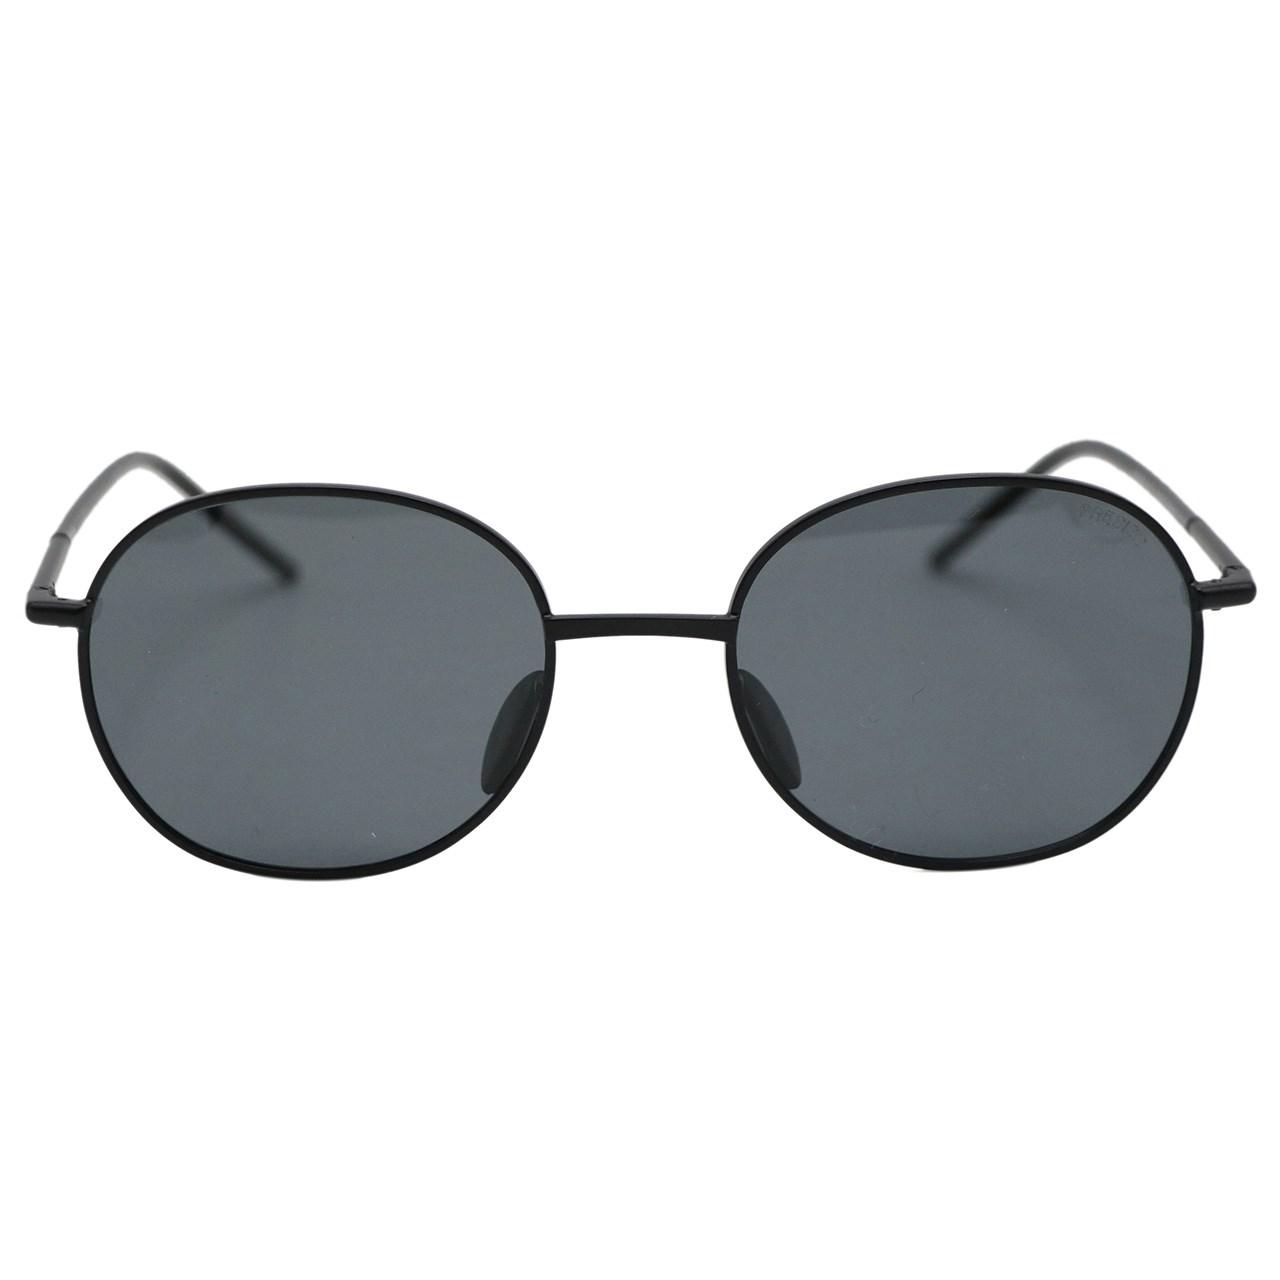 عینک افتابی پرسیس مدل 312